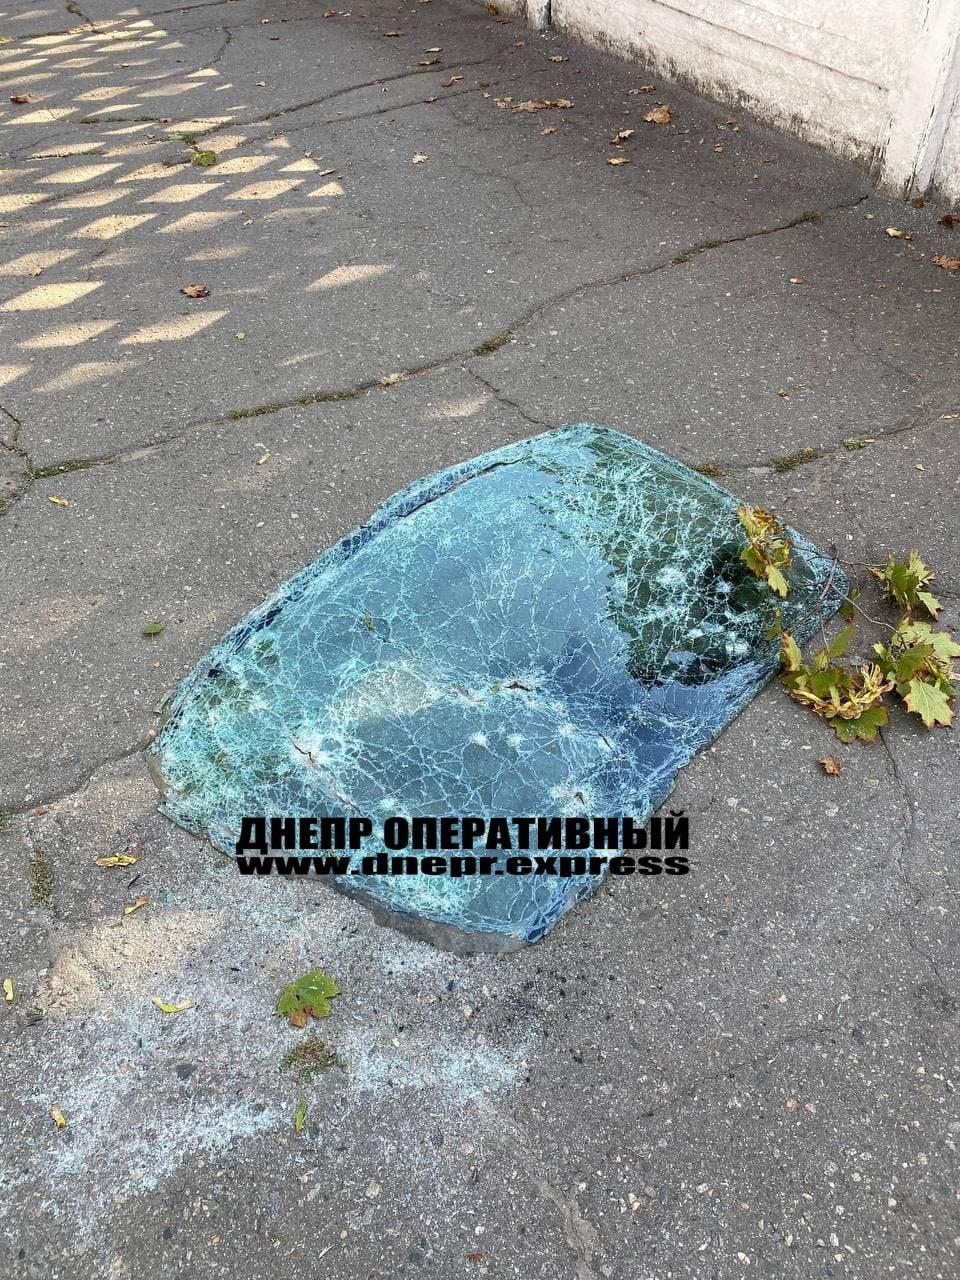 В Днепре от взрыва автомобиль разорвало на части, погибли 2 человека, - ФОТО, фото-5